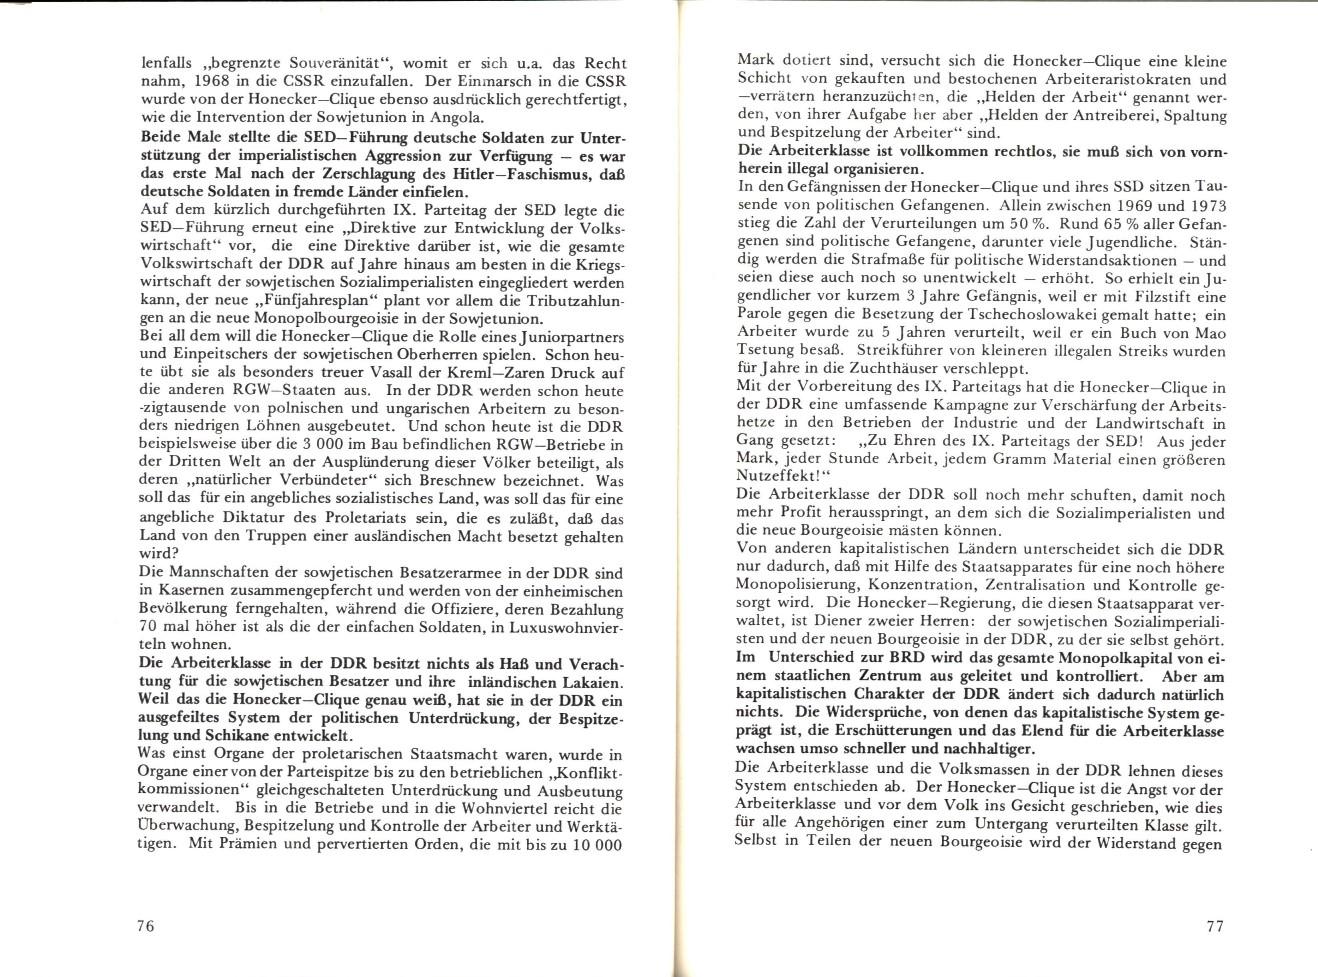 KPDAO_1976_Agitationsbroschuere_zur_BTW_40